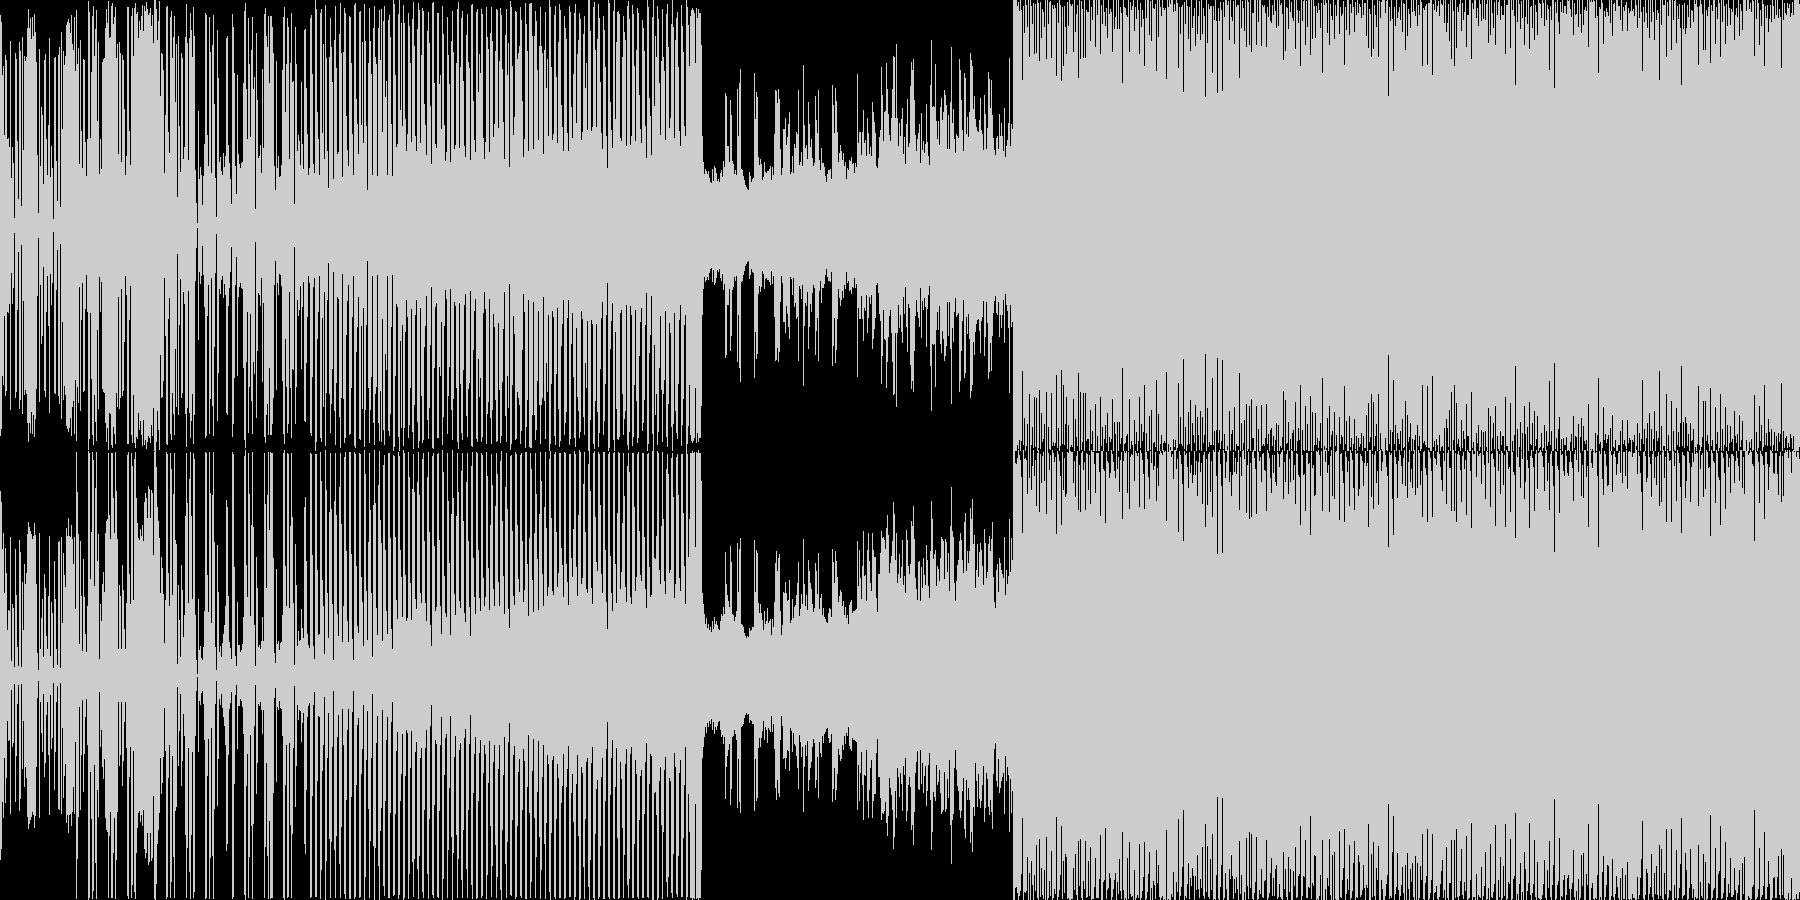 ロンド・ヴェネツィアーノ。ランニン...の未再生の波形